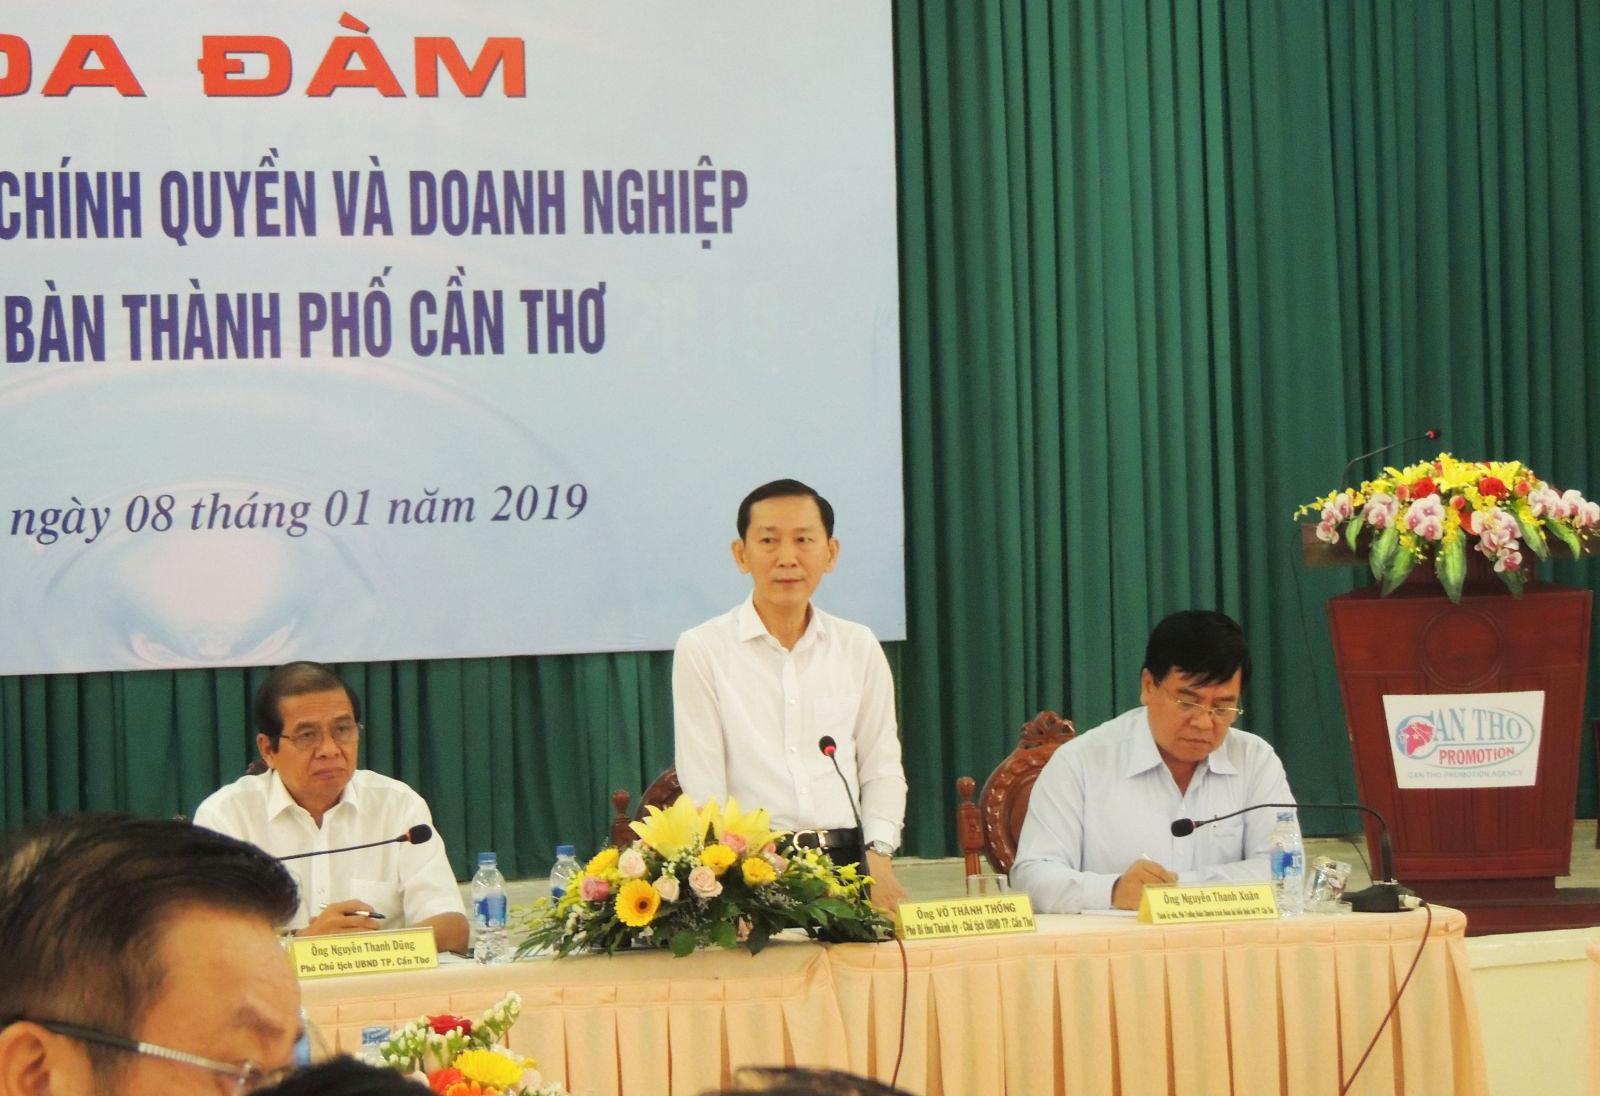 Chủ tịch UBND thành phố Võ Thành Thống tại tọa đàm.